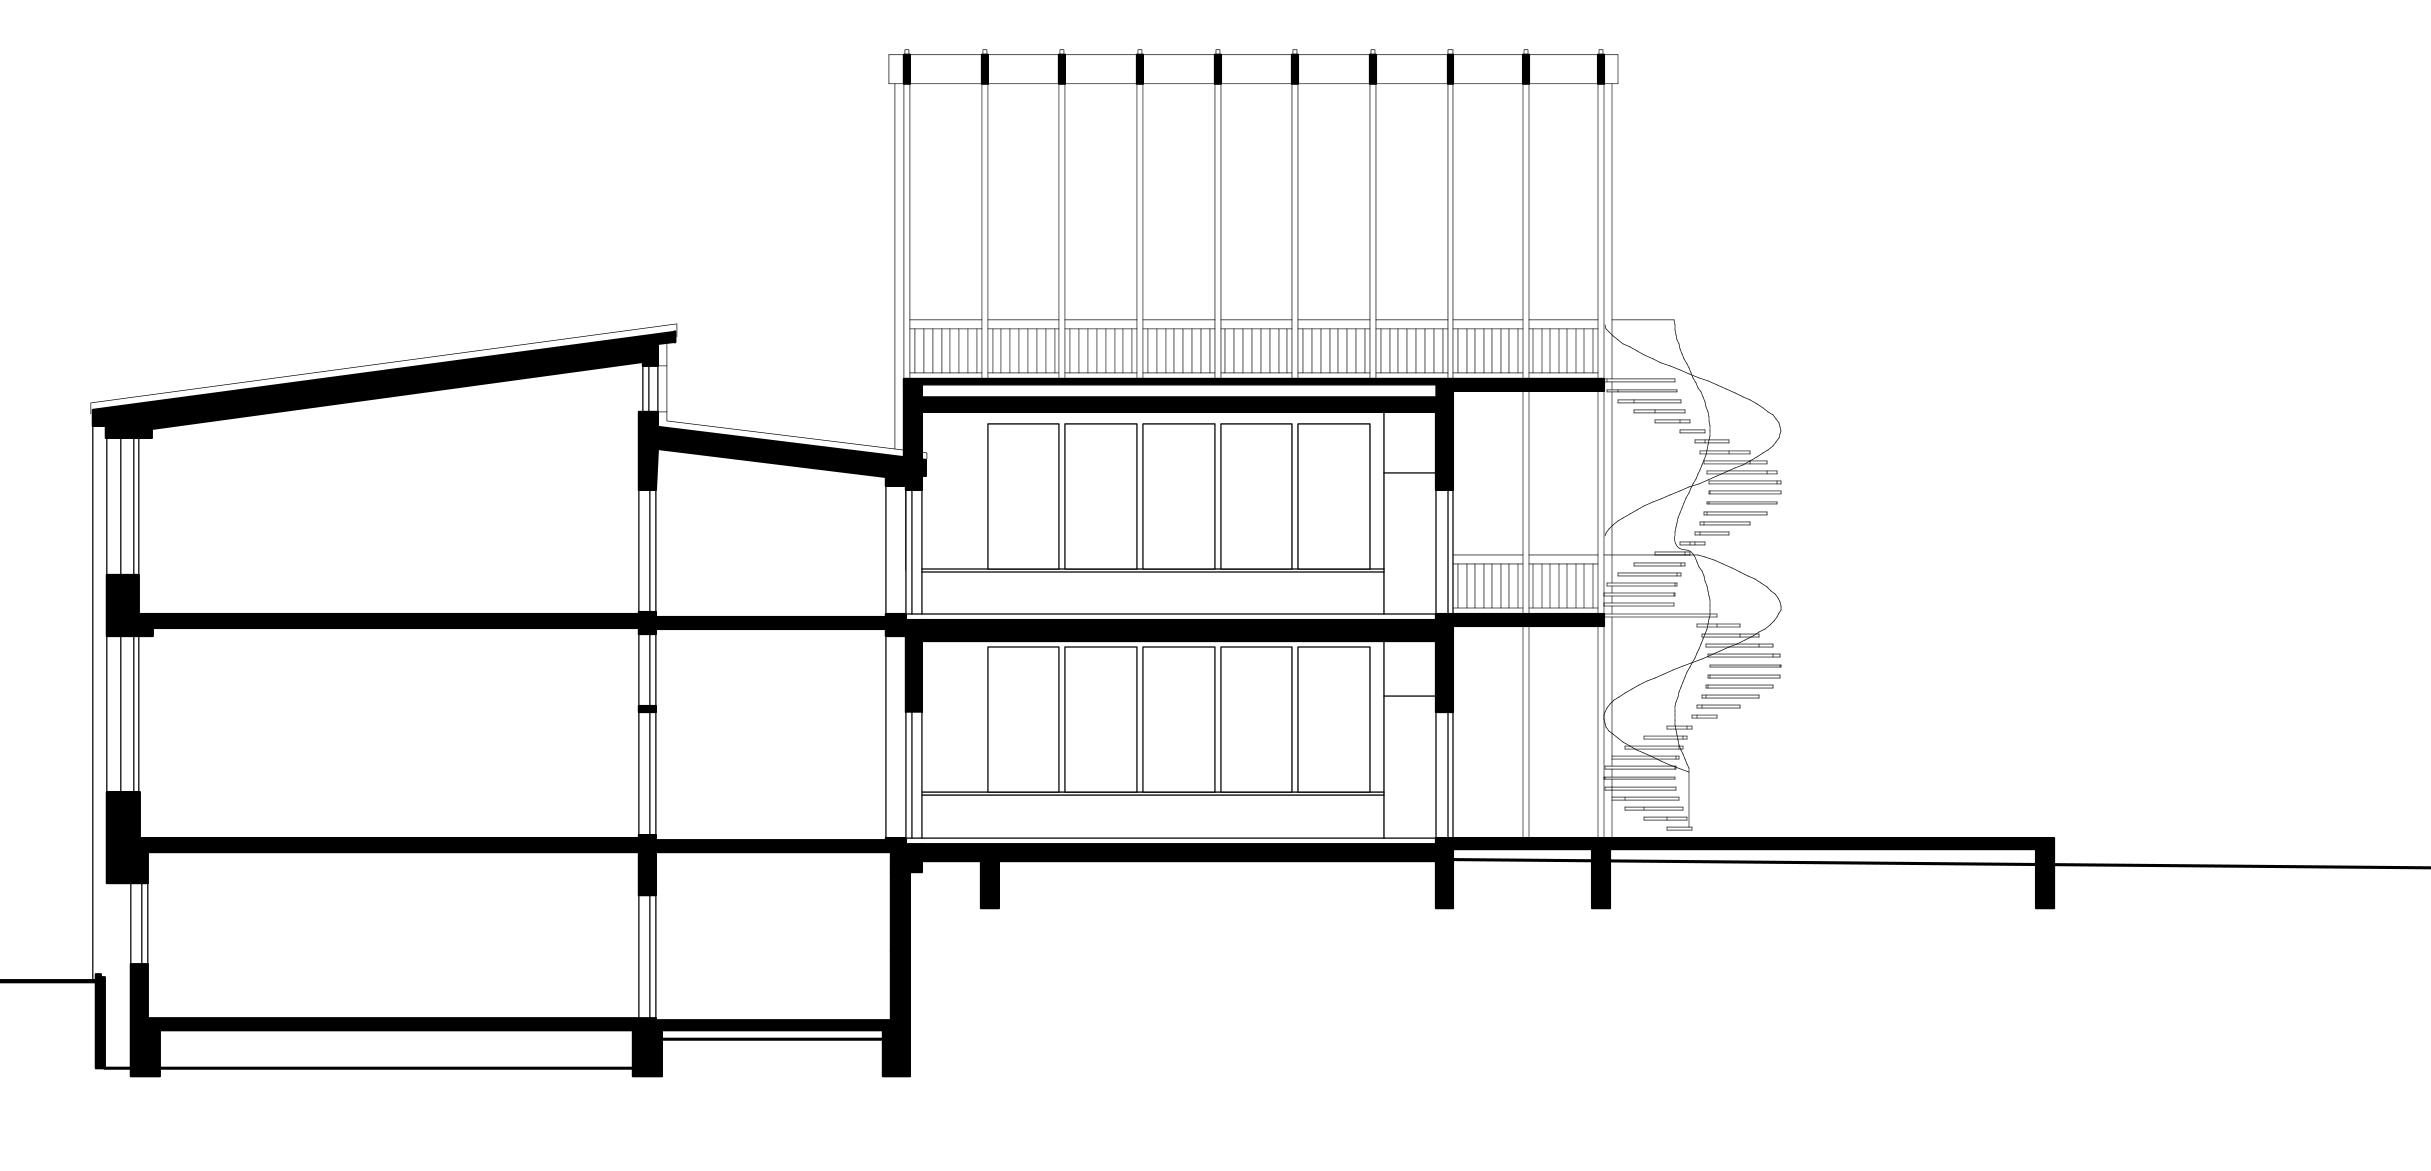 Die Dachterrasse könnte mit einer Rankbepflanzung begrünt werden.  Mehr